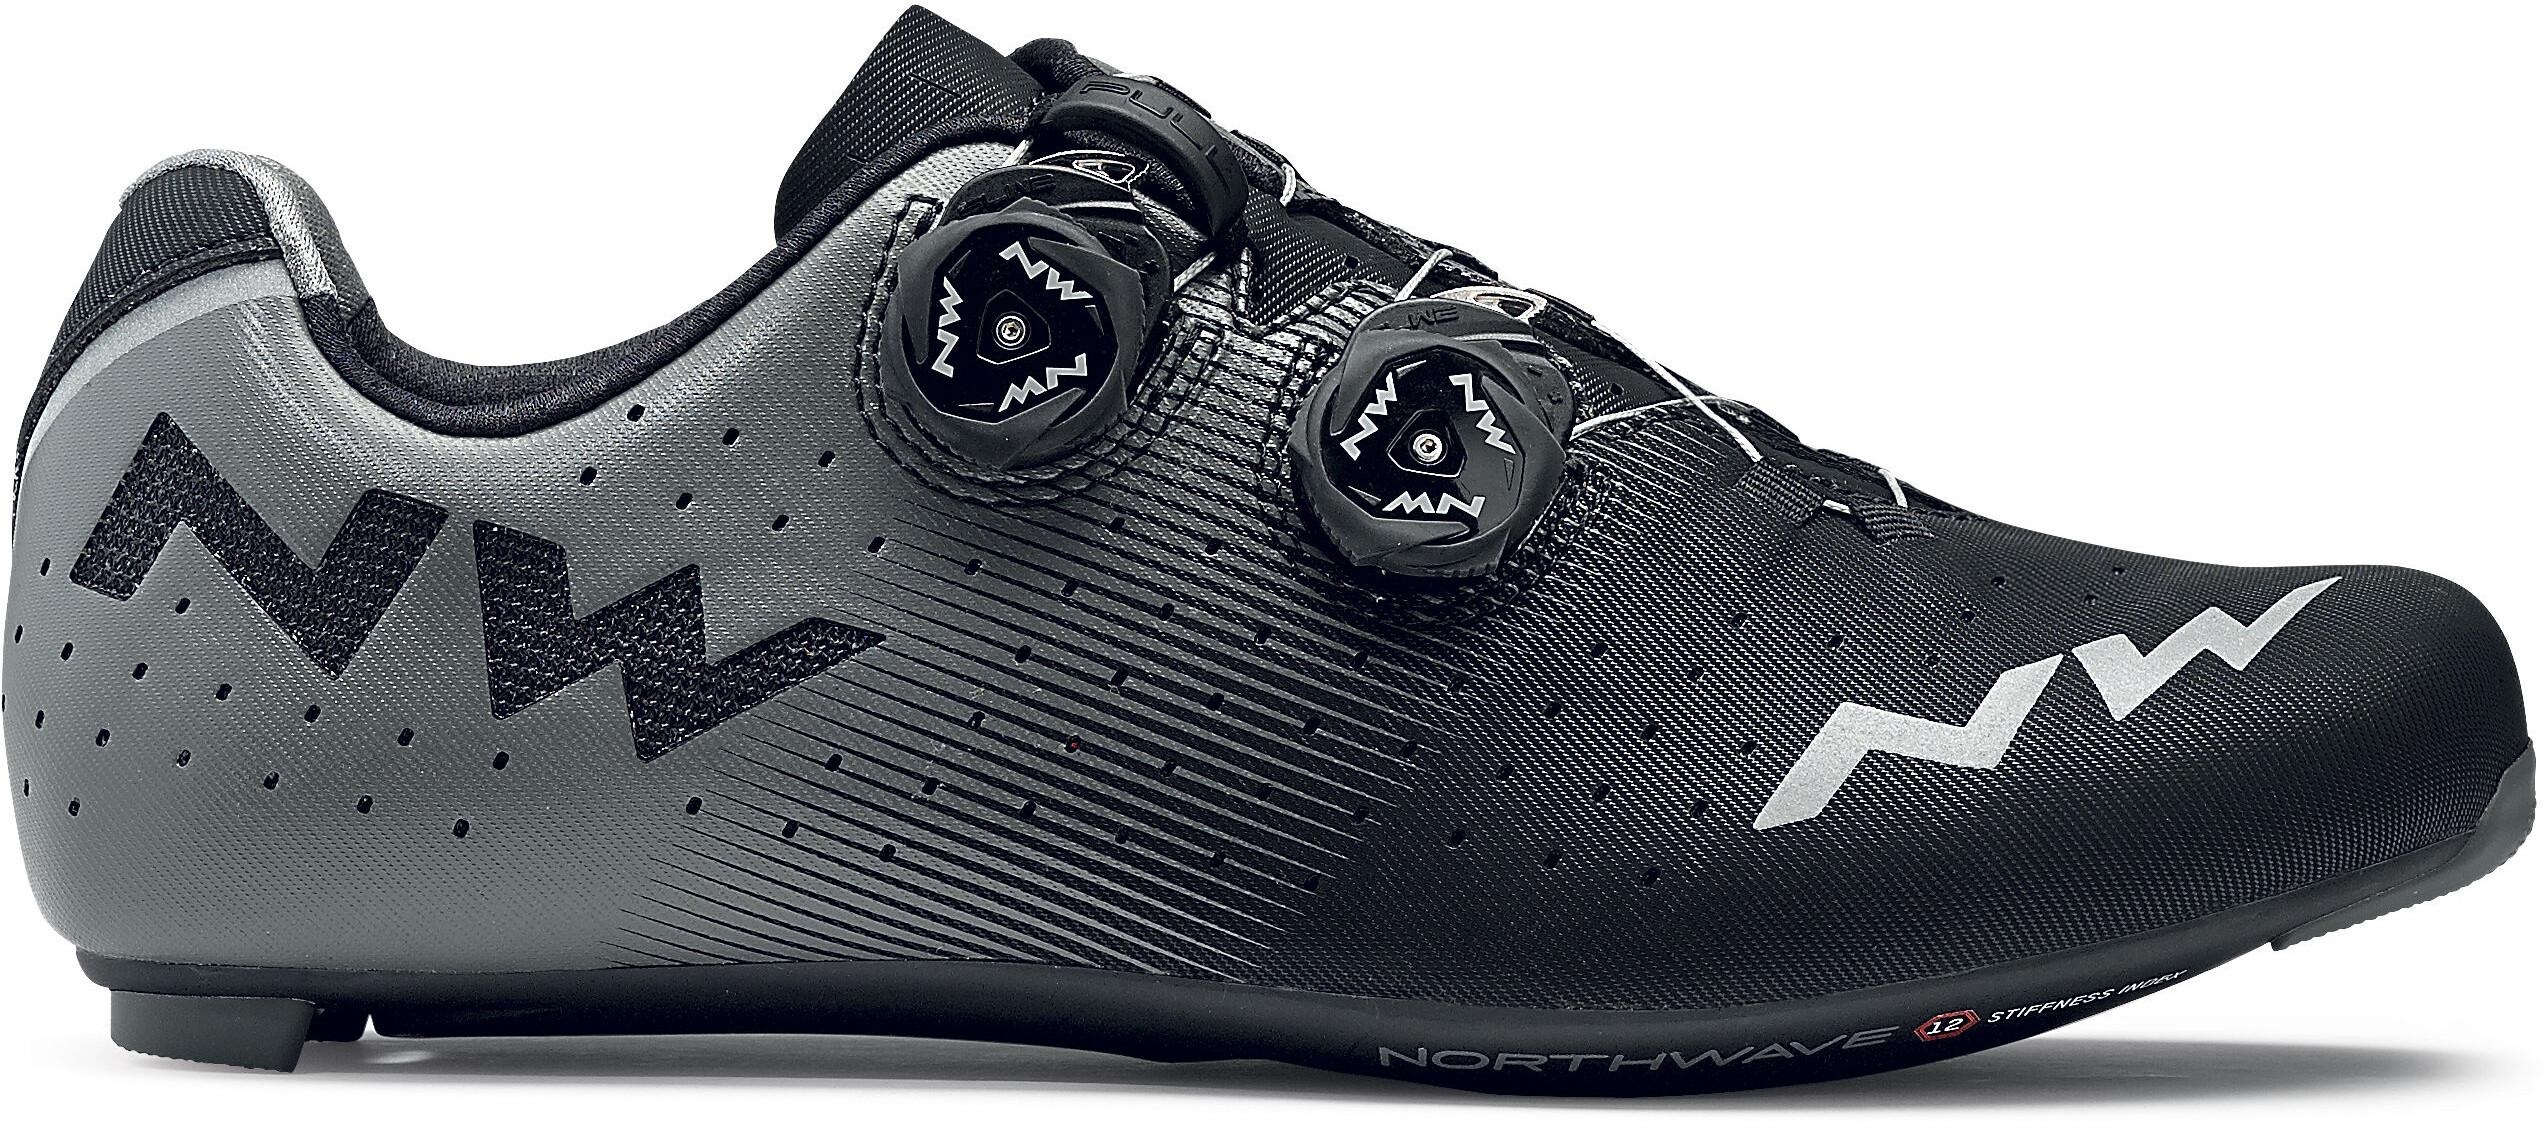 f980220f96c Northwave Revolution - Chaussures Homme - gris noir - Boutique de ...